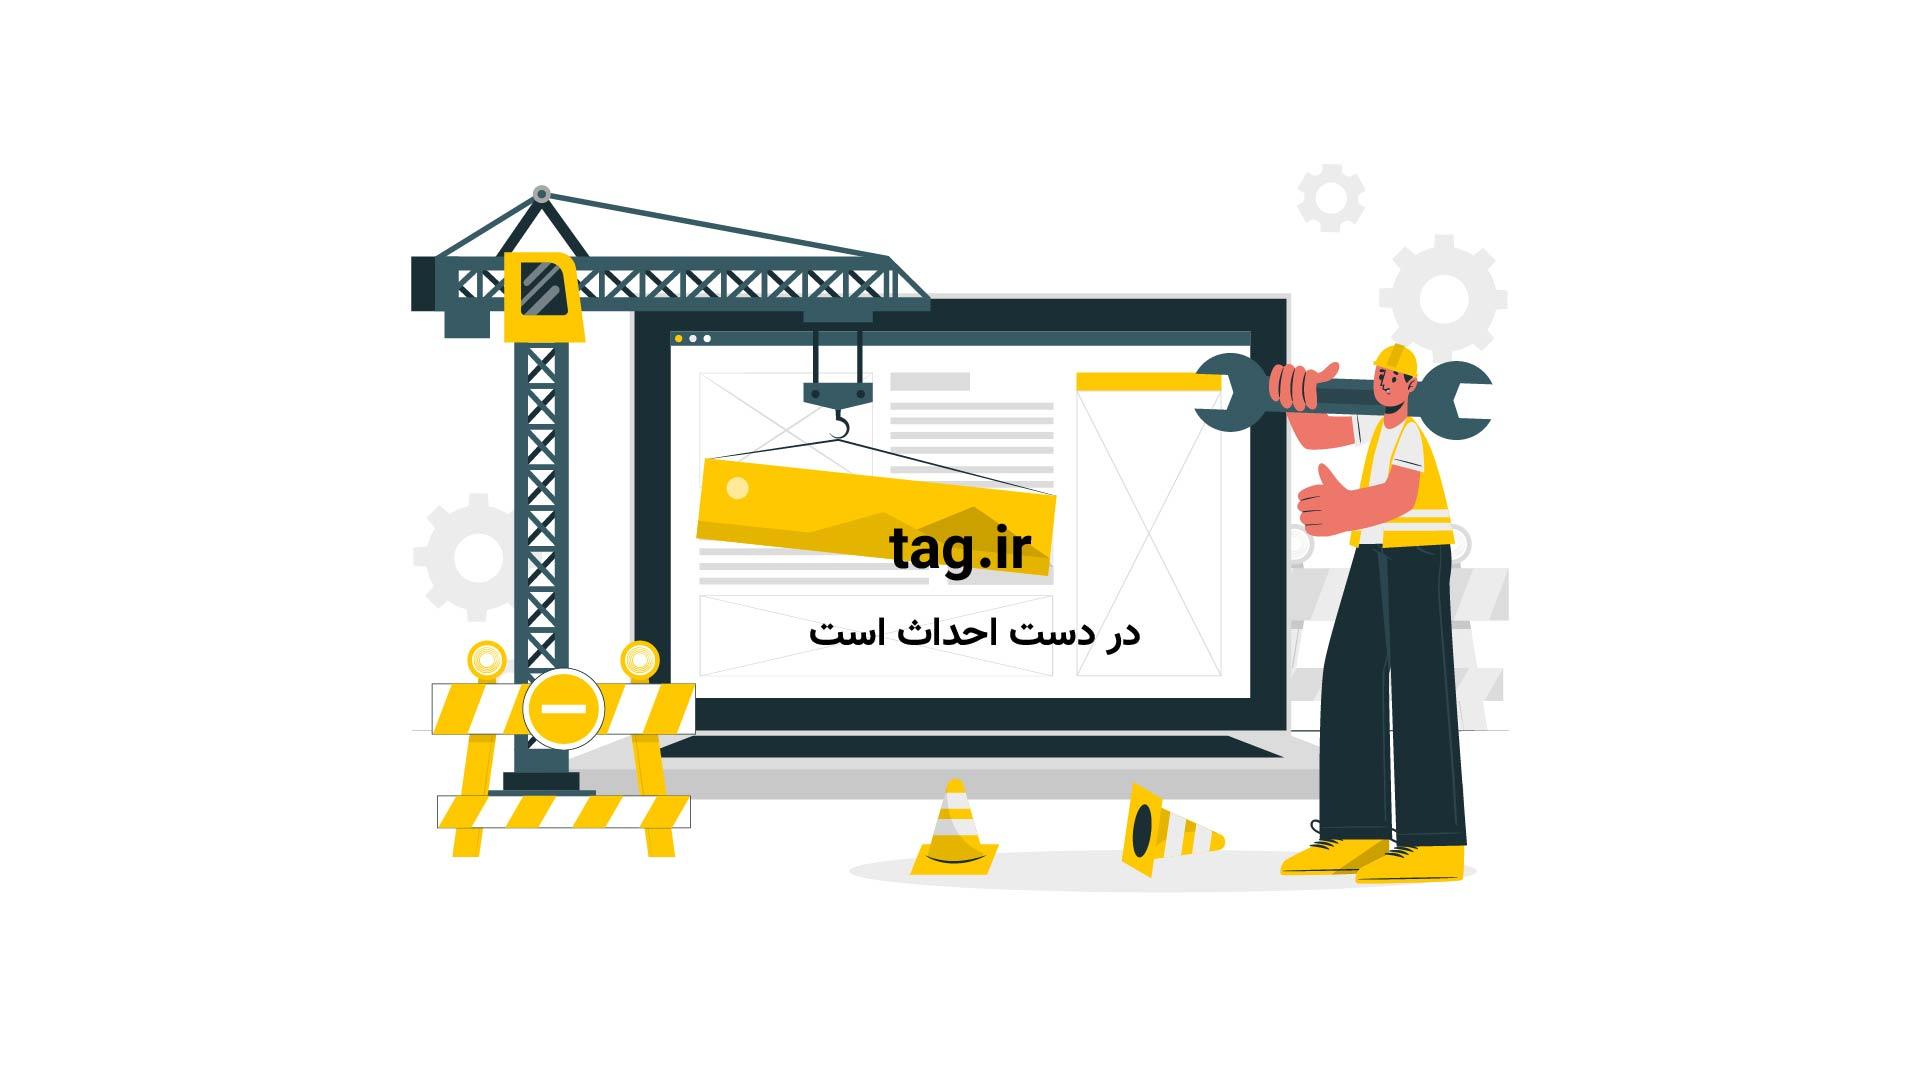 حلب شهر ارواح   تگ